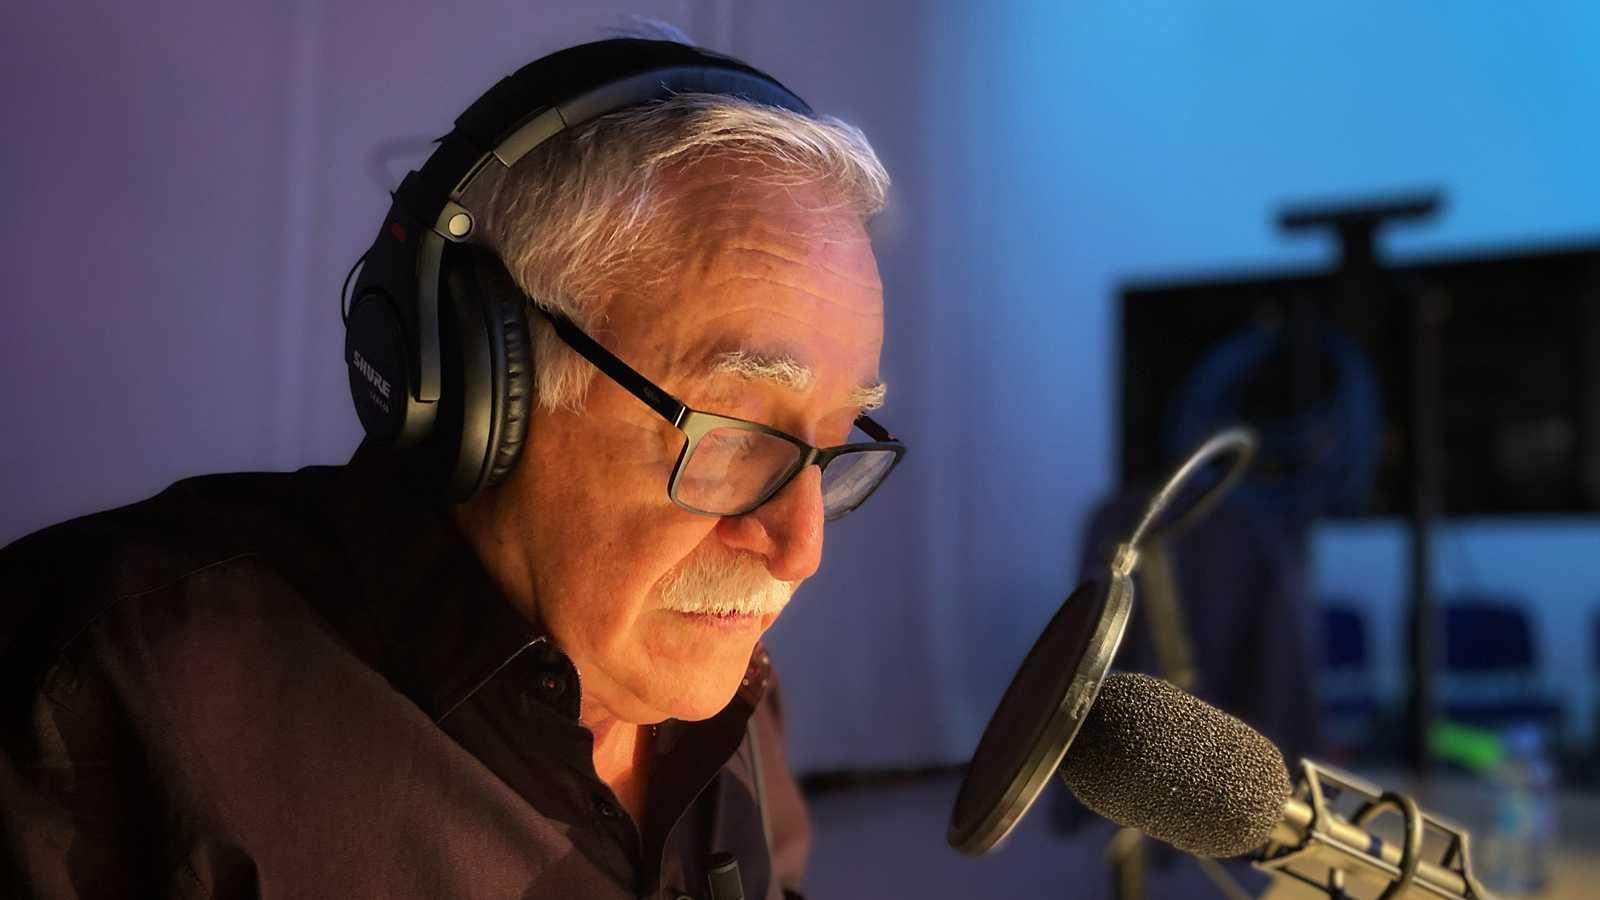 Juanjo cardenal, voz en off de 'Saber y ganar'